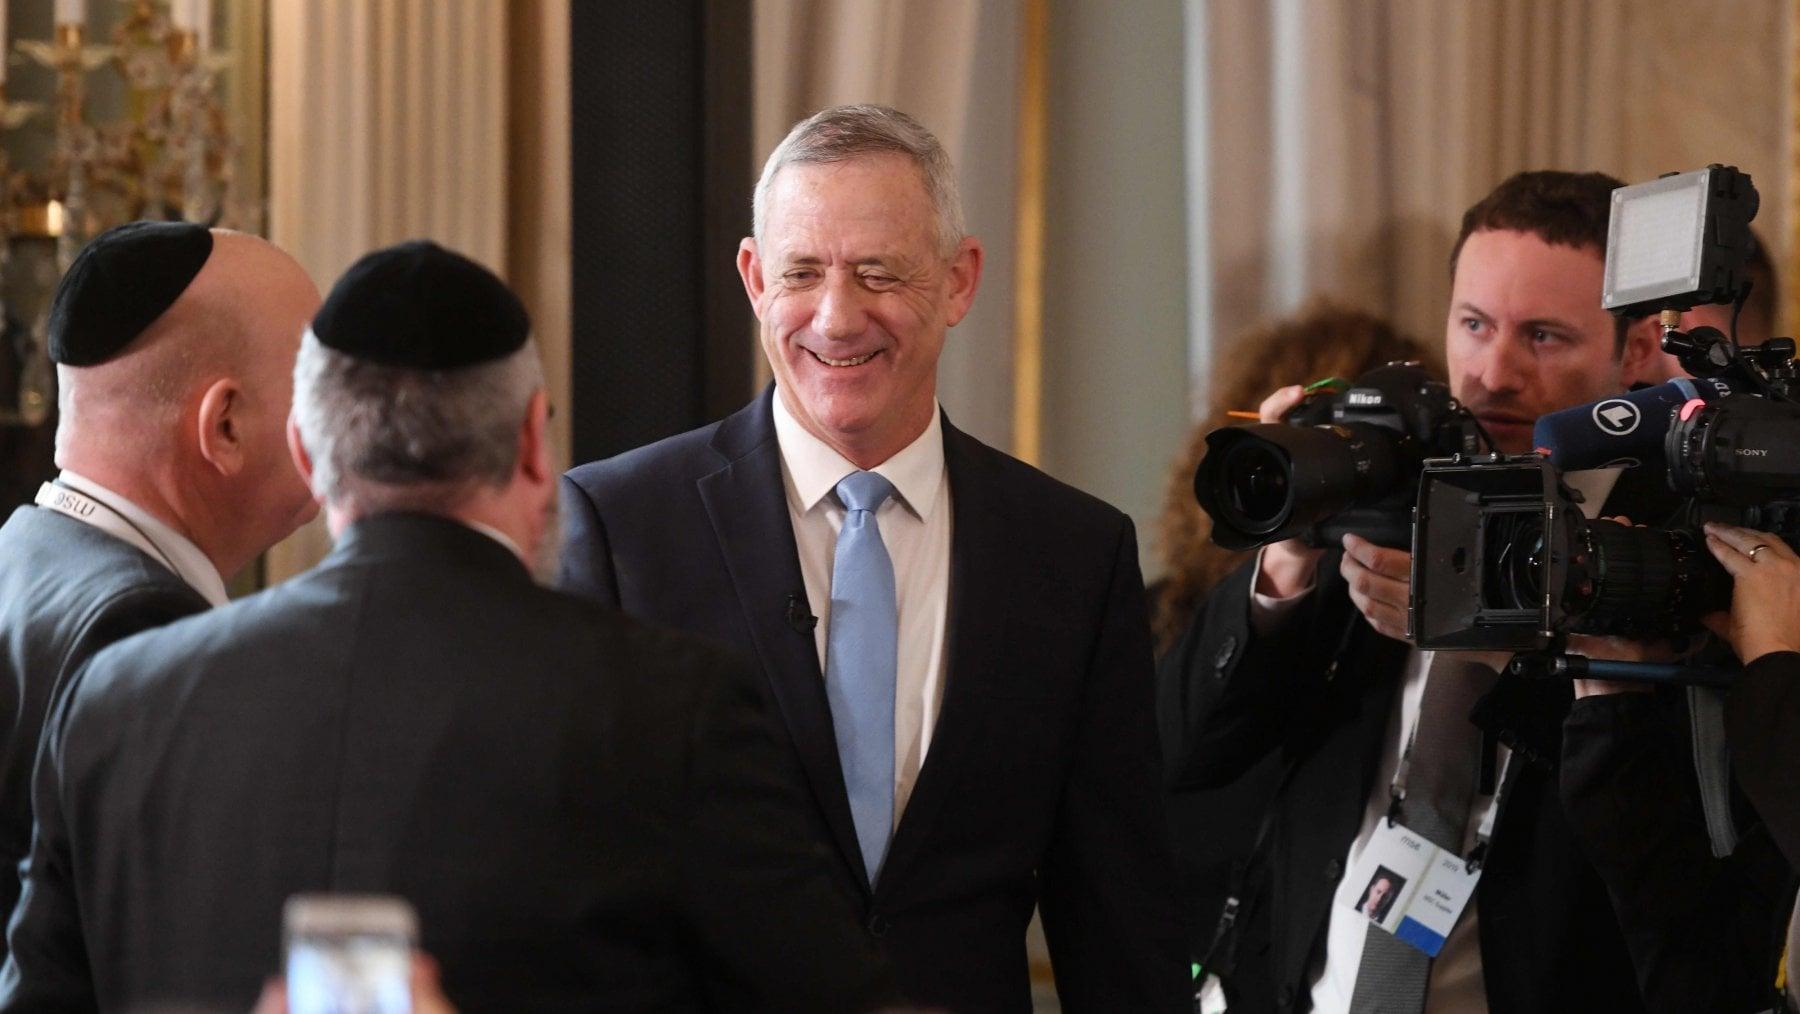 Israele, frode e corruzione: incriminato Netanyahu